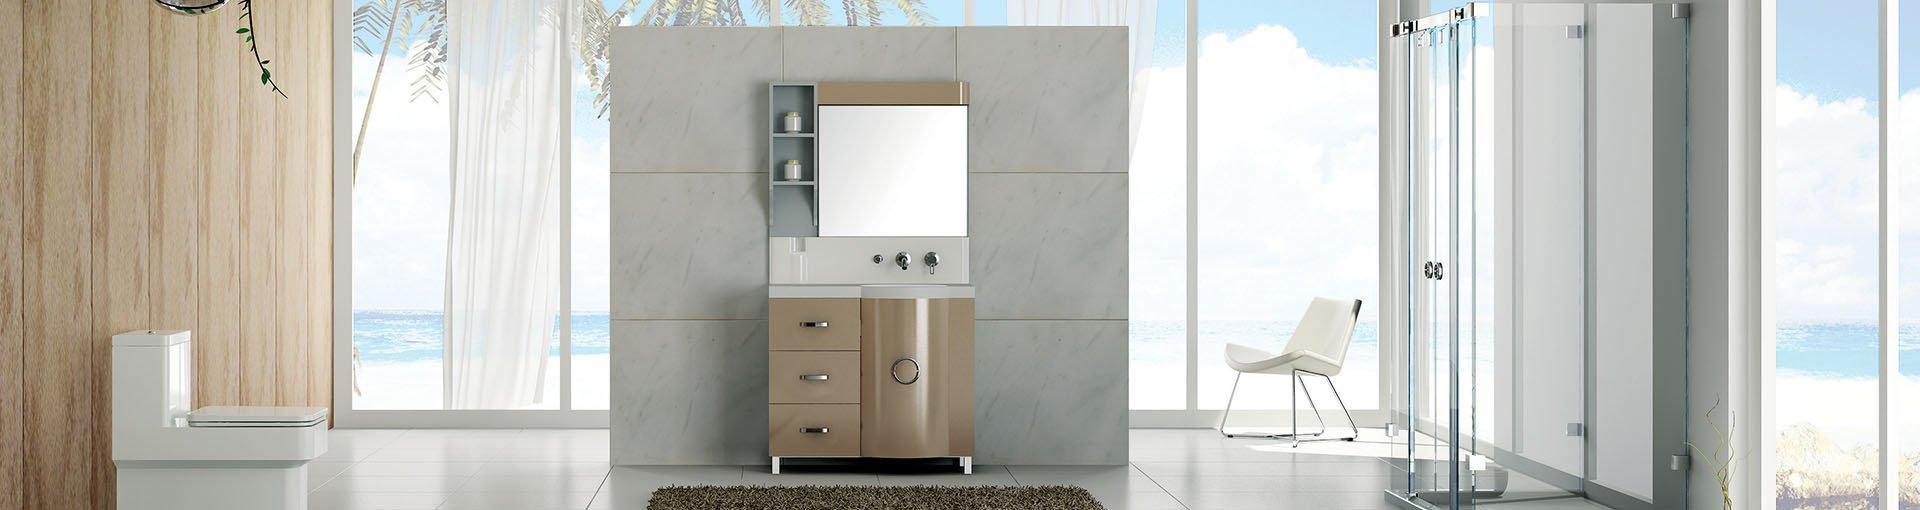 Fürdőszobája eleganciájához nem csak a zuhanyfülke, zuhanyajtó vagy a kád szépsége, de a fürdőszobabútor gondos kiválasztása is hozzájárul. Egy fürdőszobabútornak azonban nem csak szépnek, de praktikusnak is kell lennie. Fürdőszobabútor akció!